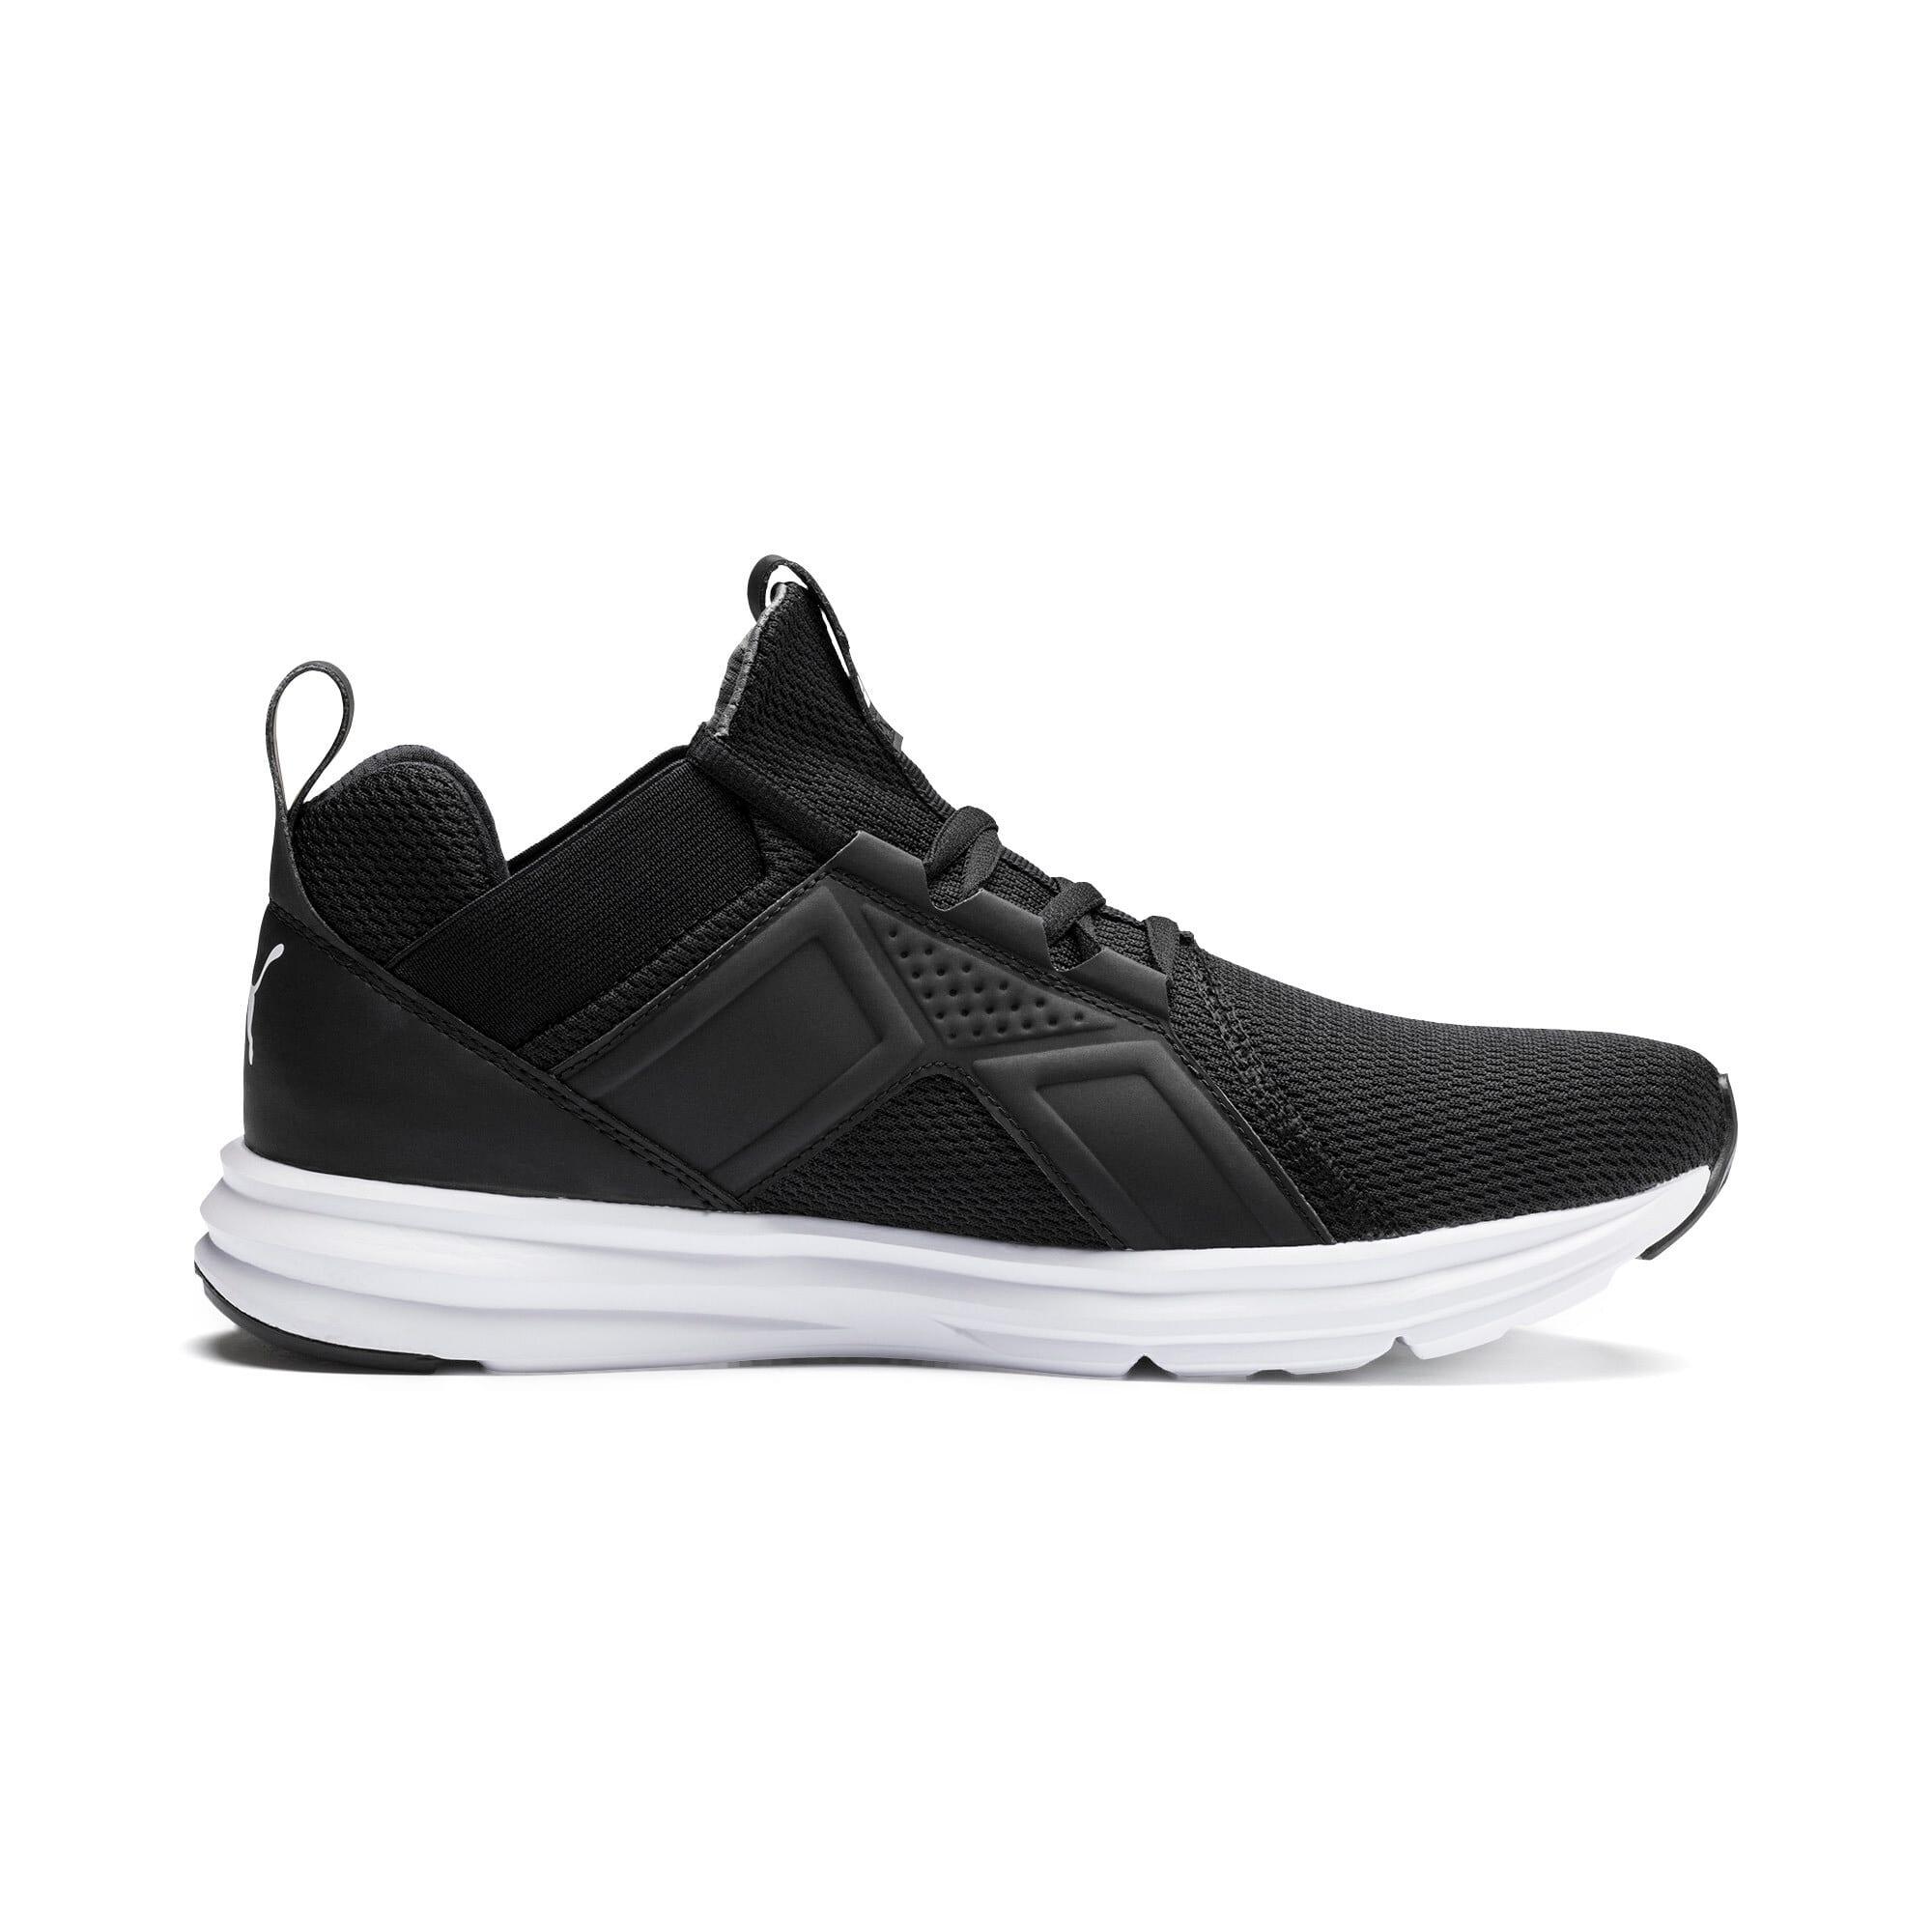 Thumbnail 6 of Enzo Sport Men's Training Shoes, Puma Black-Puma White, medium